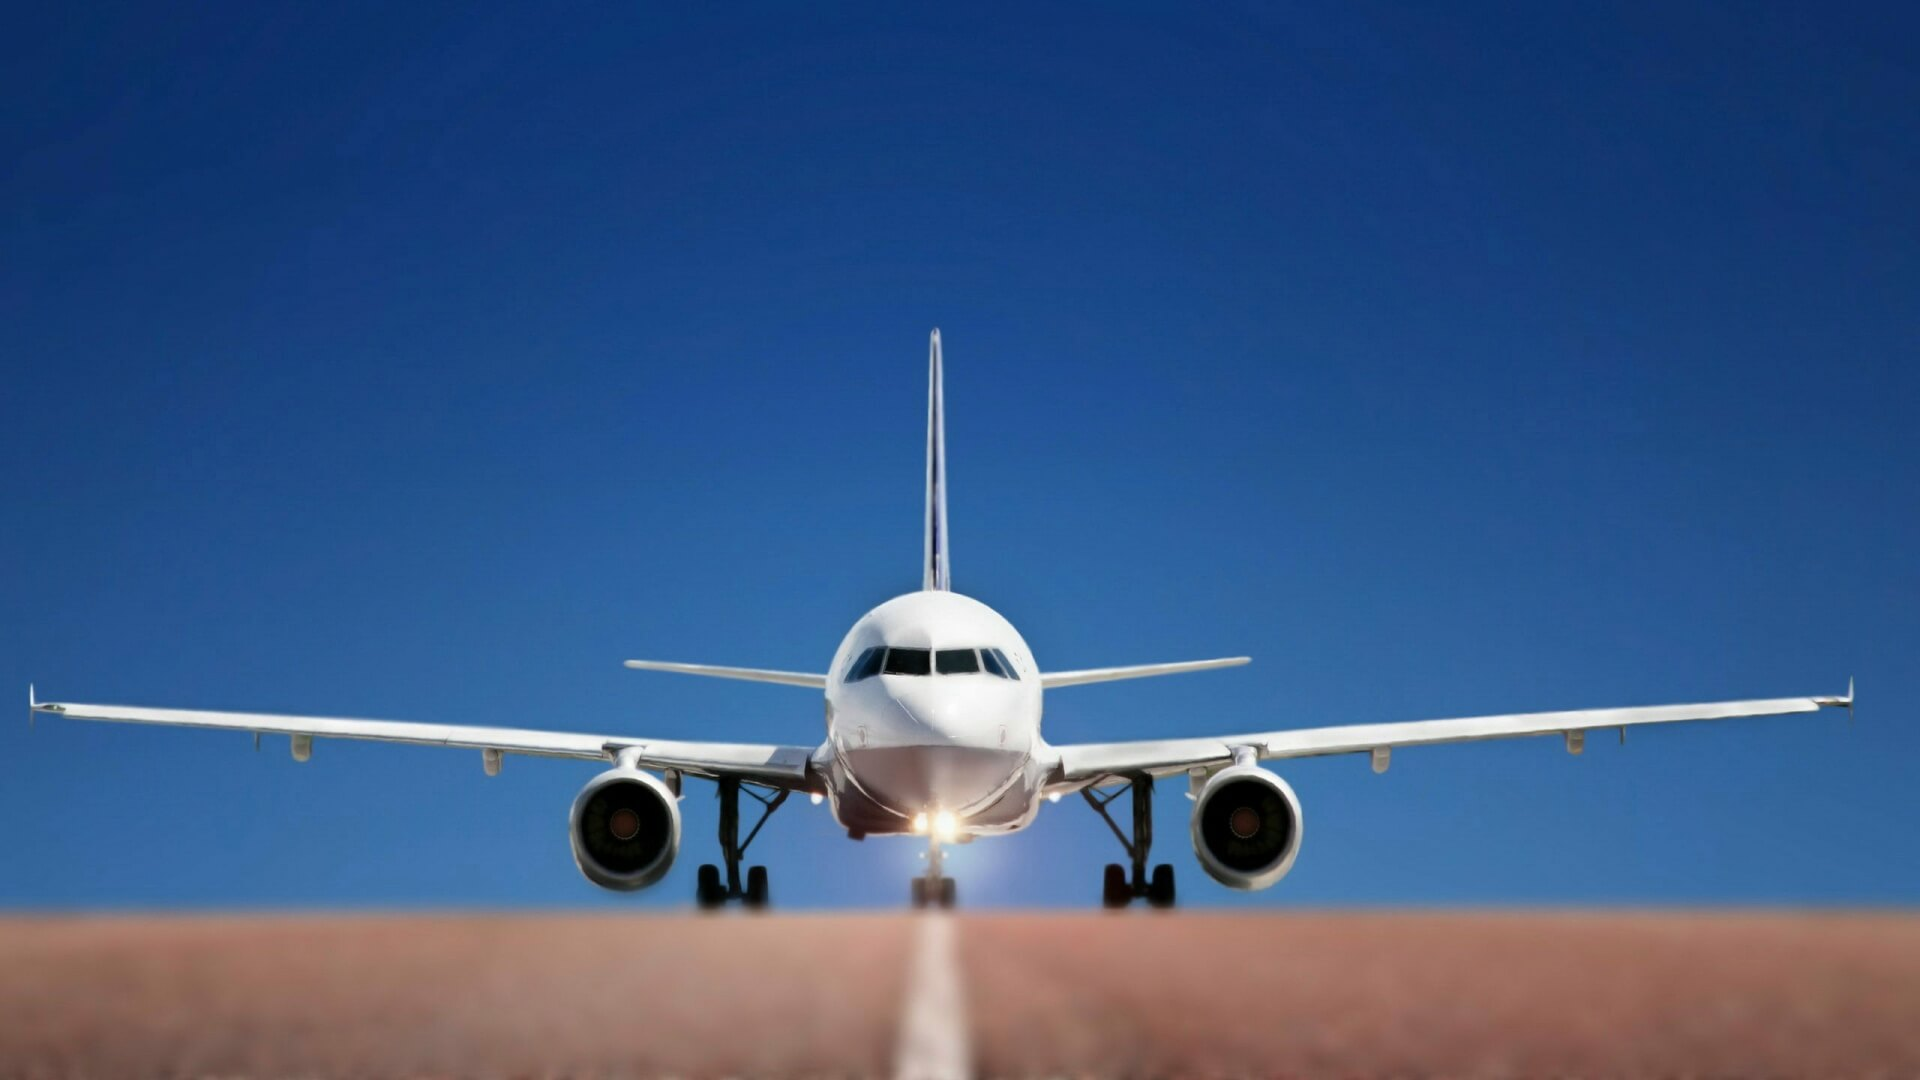 Дешевые авиабилеты: в погоне за реальной экономией